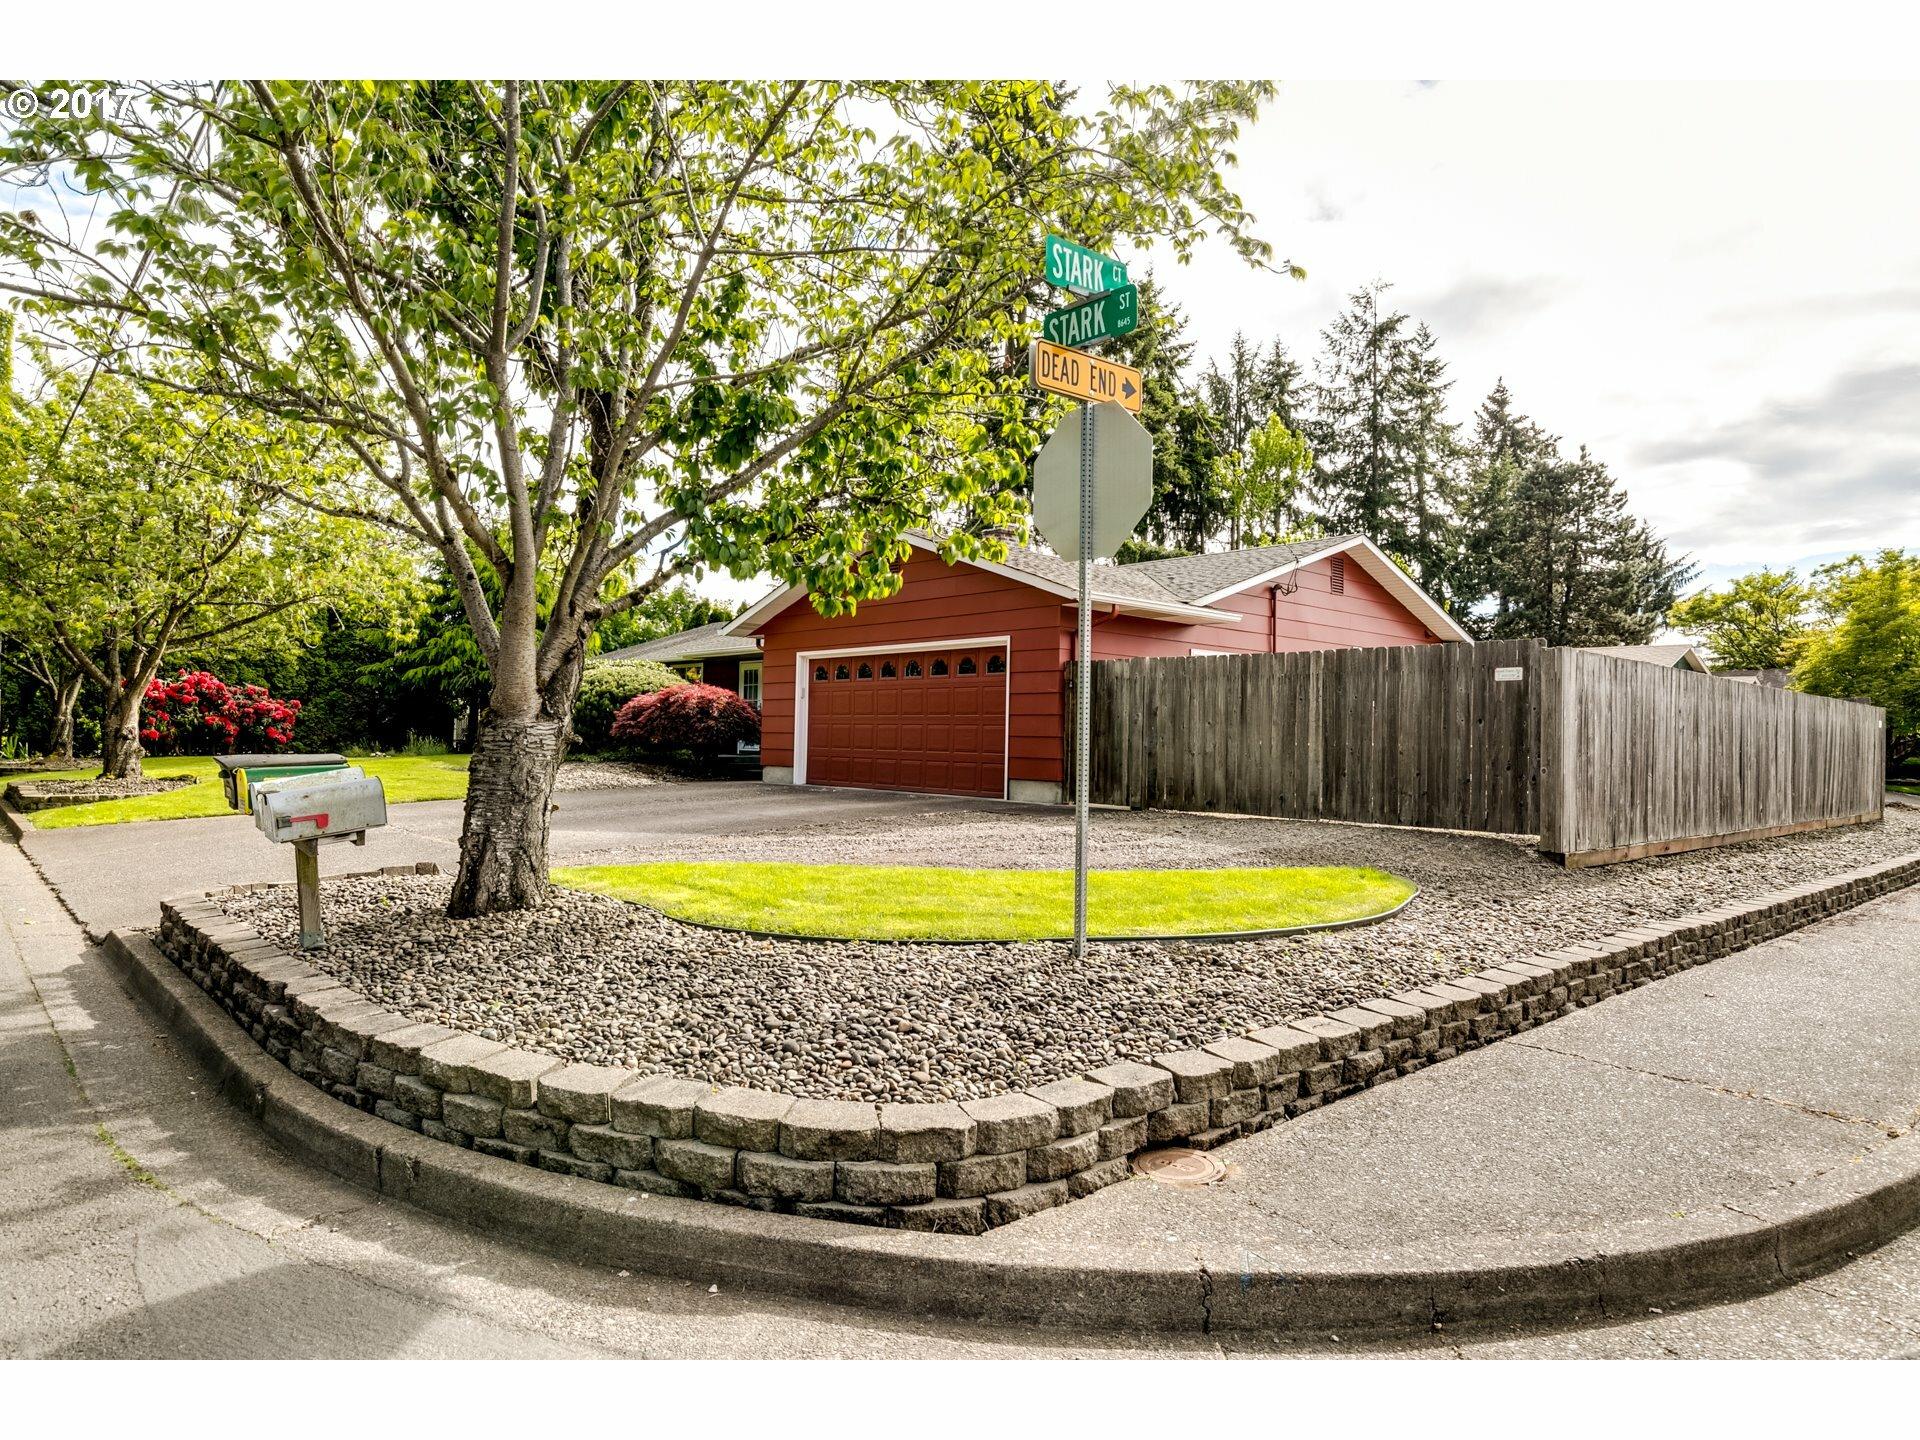 3252 Stark St, Eugene, OR - USA (photo 1)